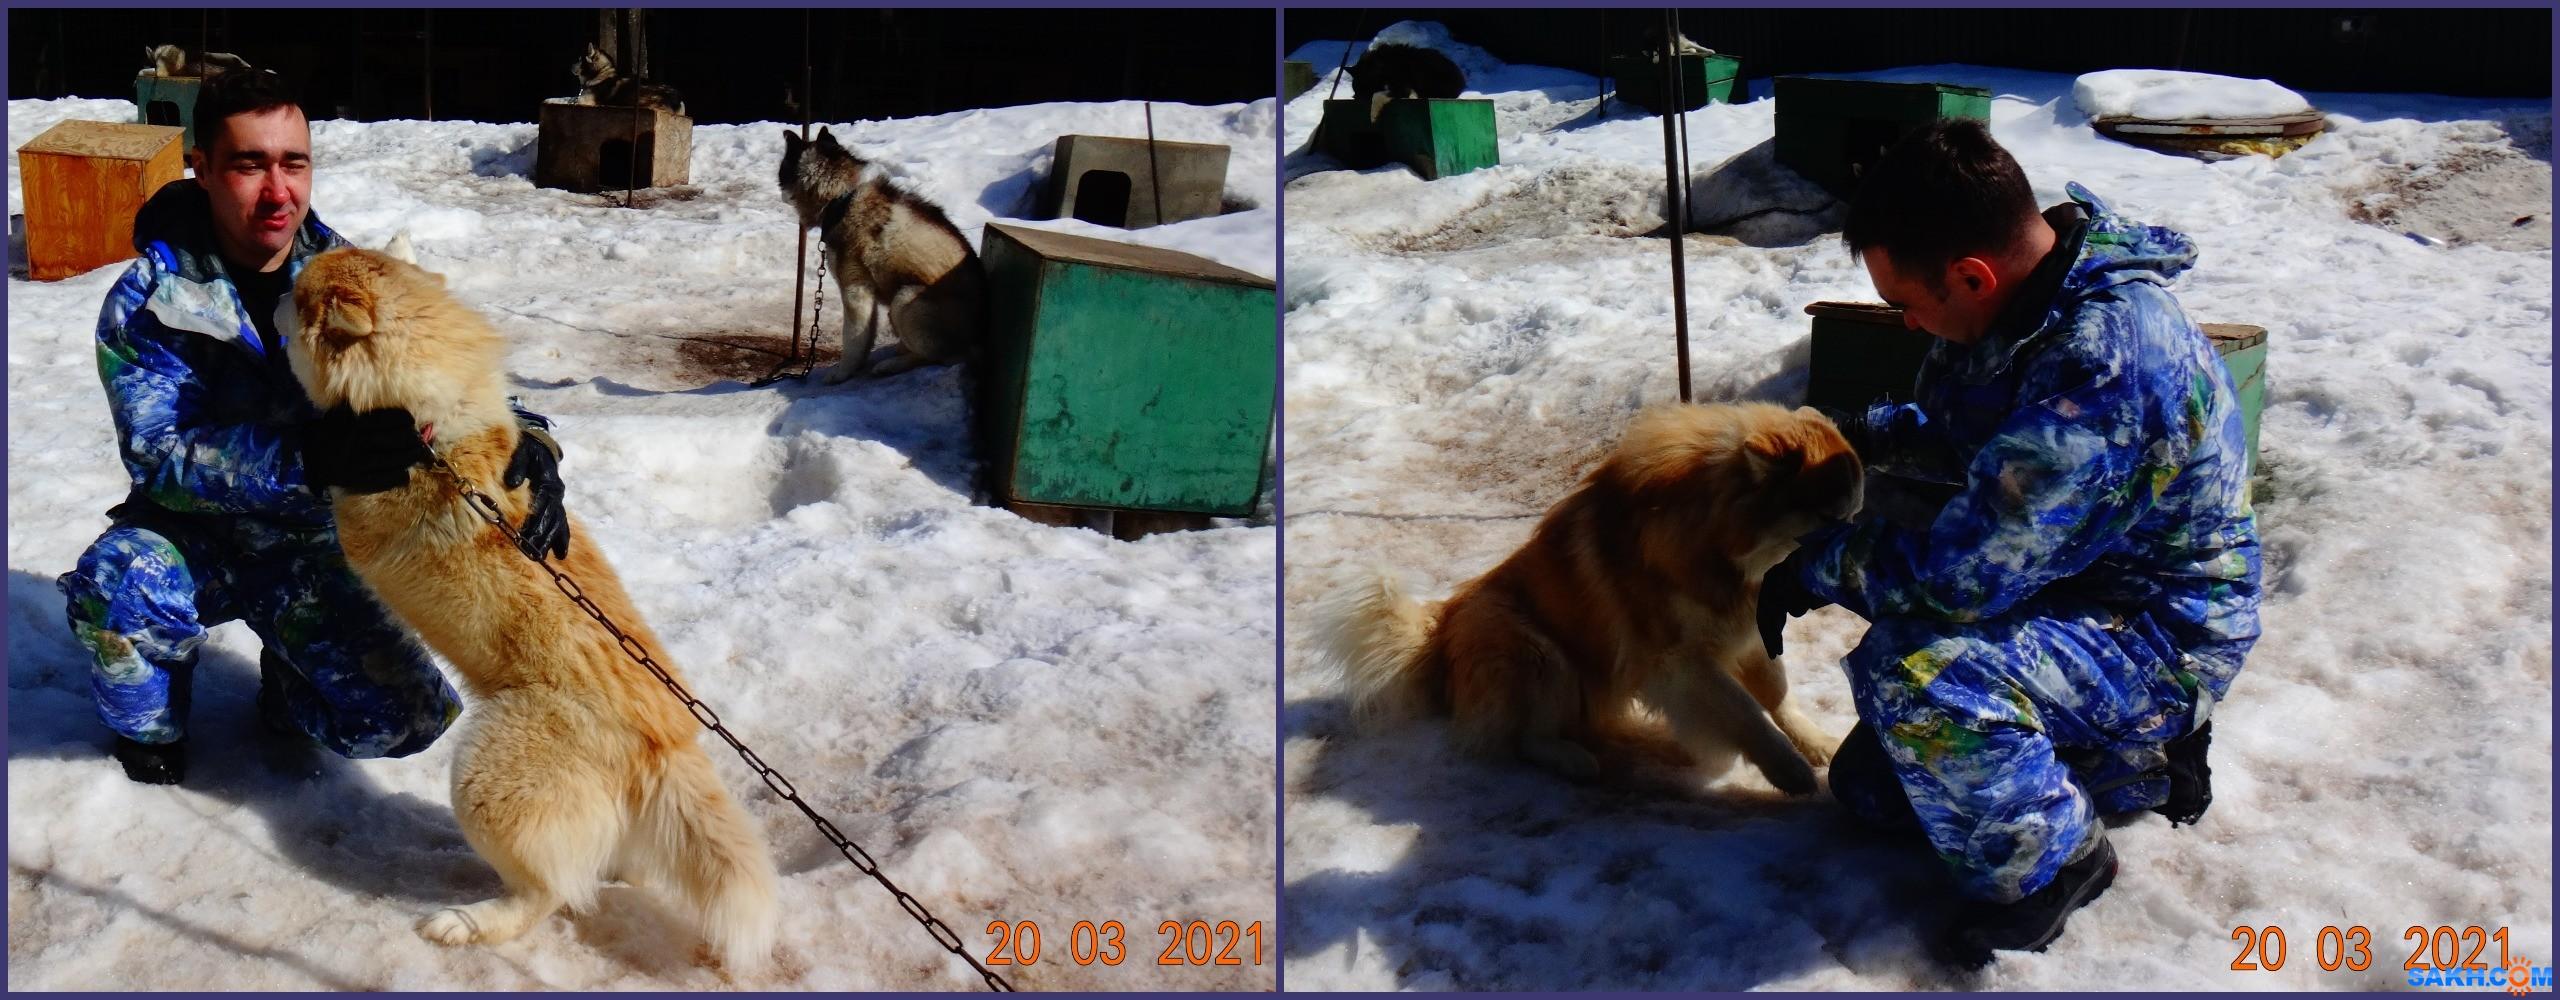 vera.modzhtnok.49: Знакомство с собаками.